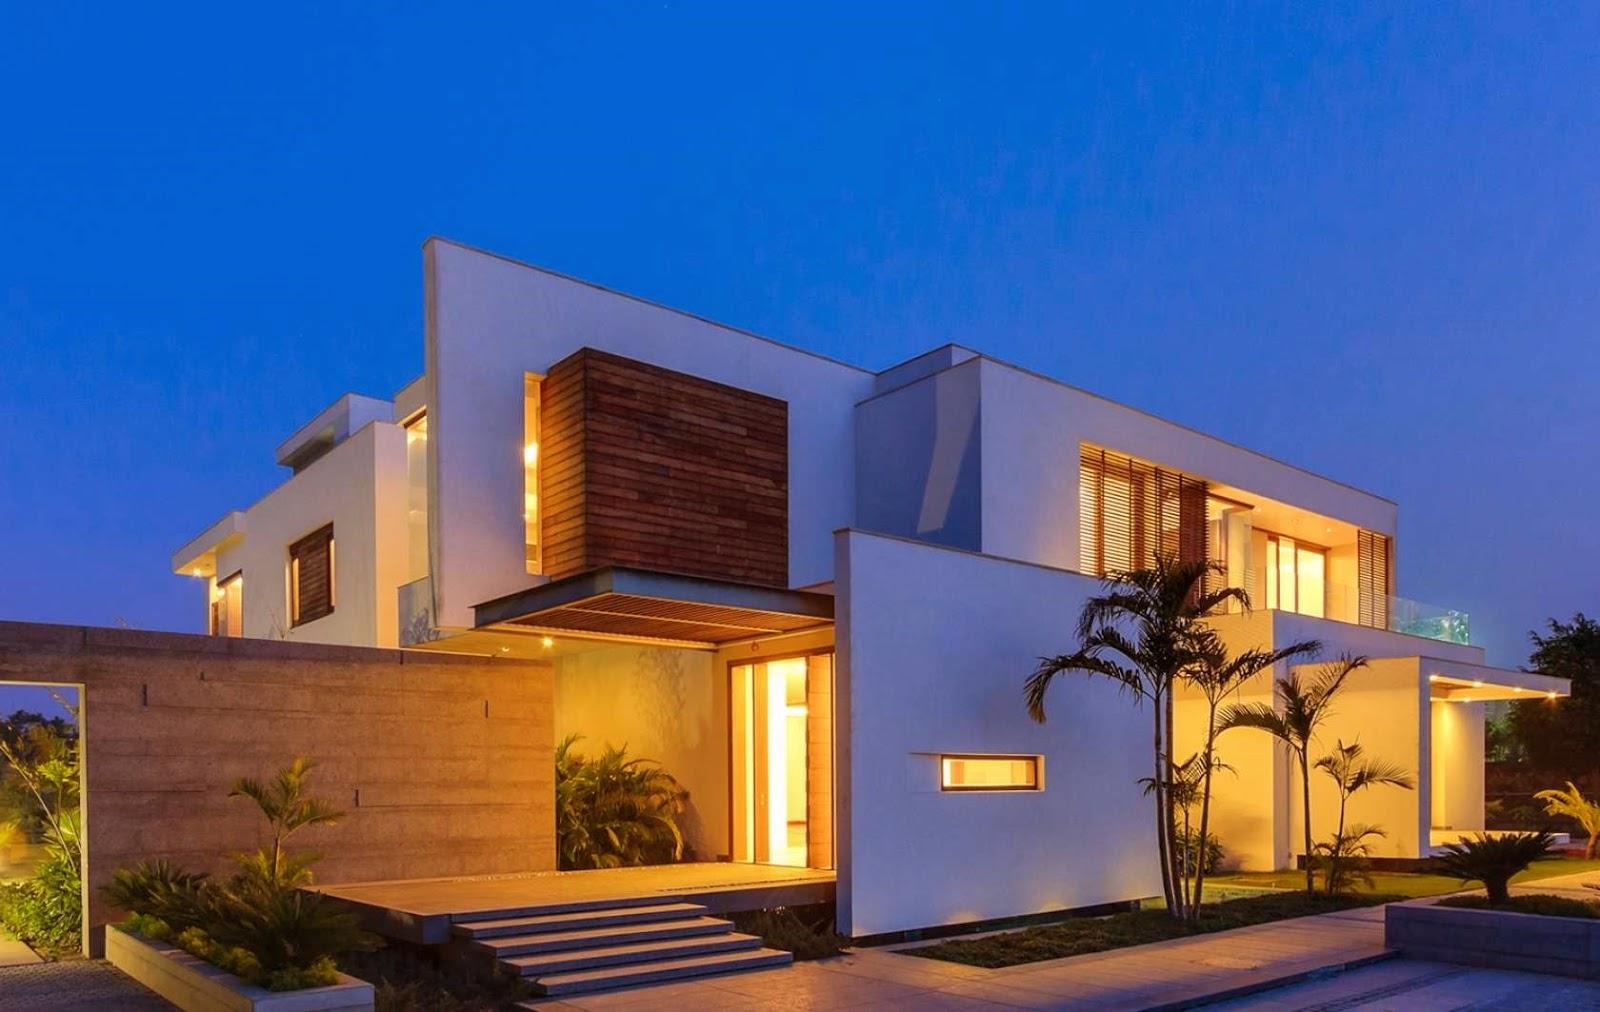 Ver fotos de casas bonitas escoja y vote por sus fotos de for Casa moderna blanca